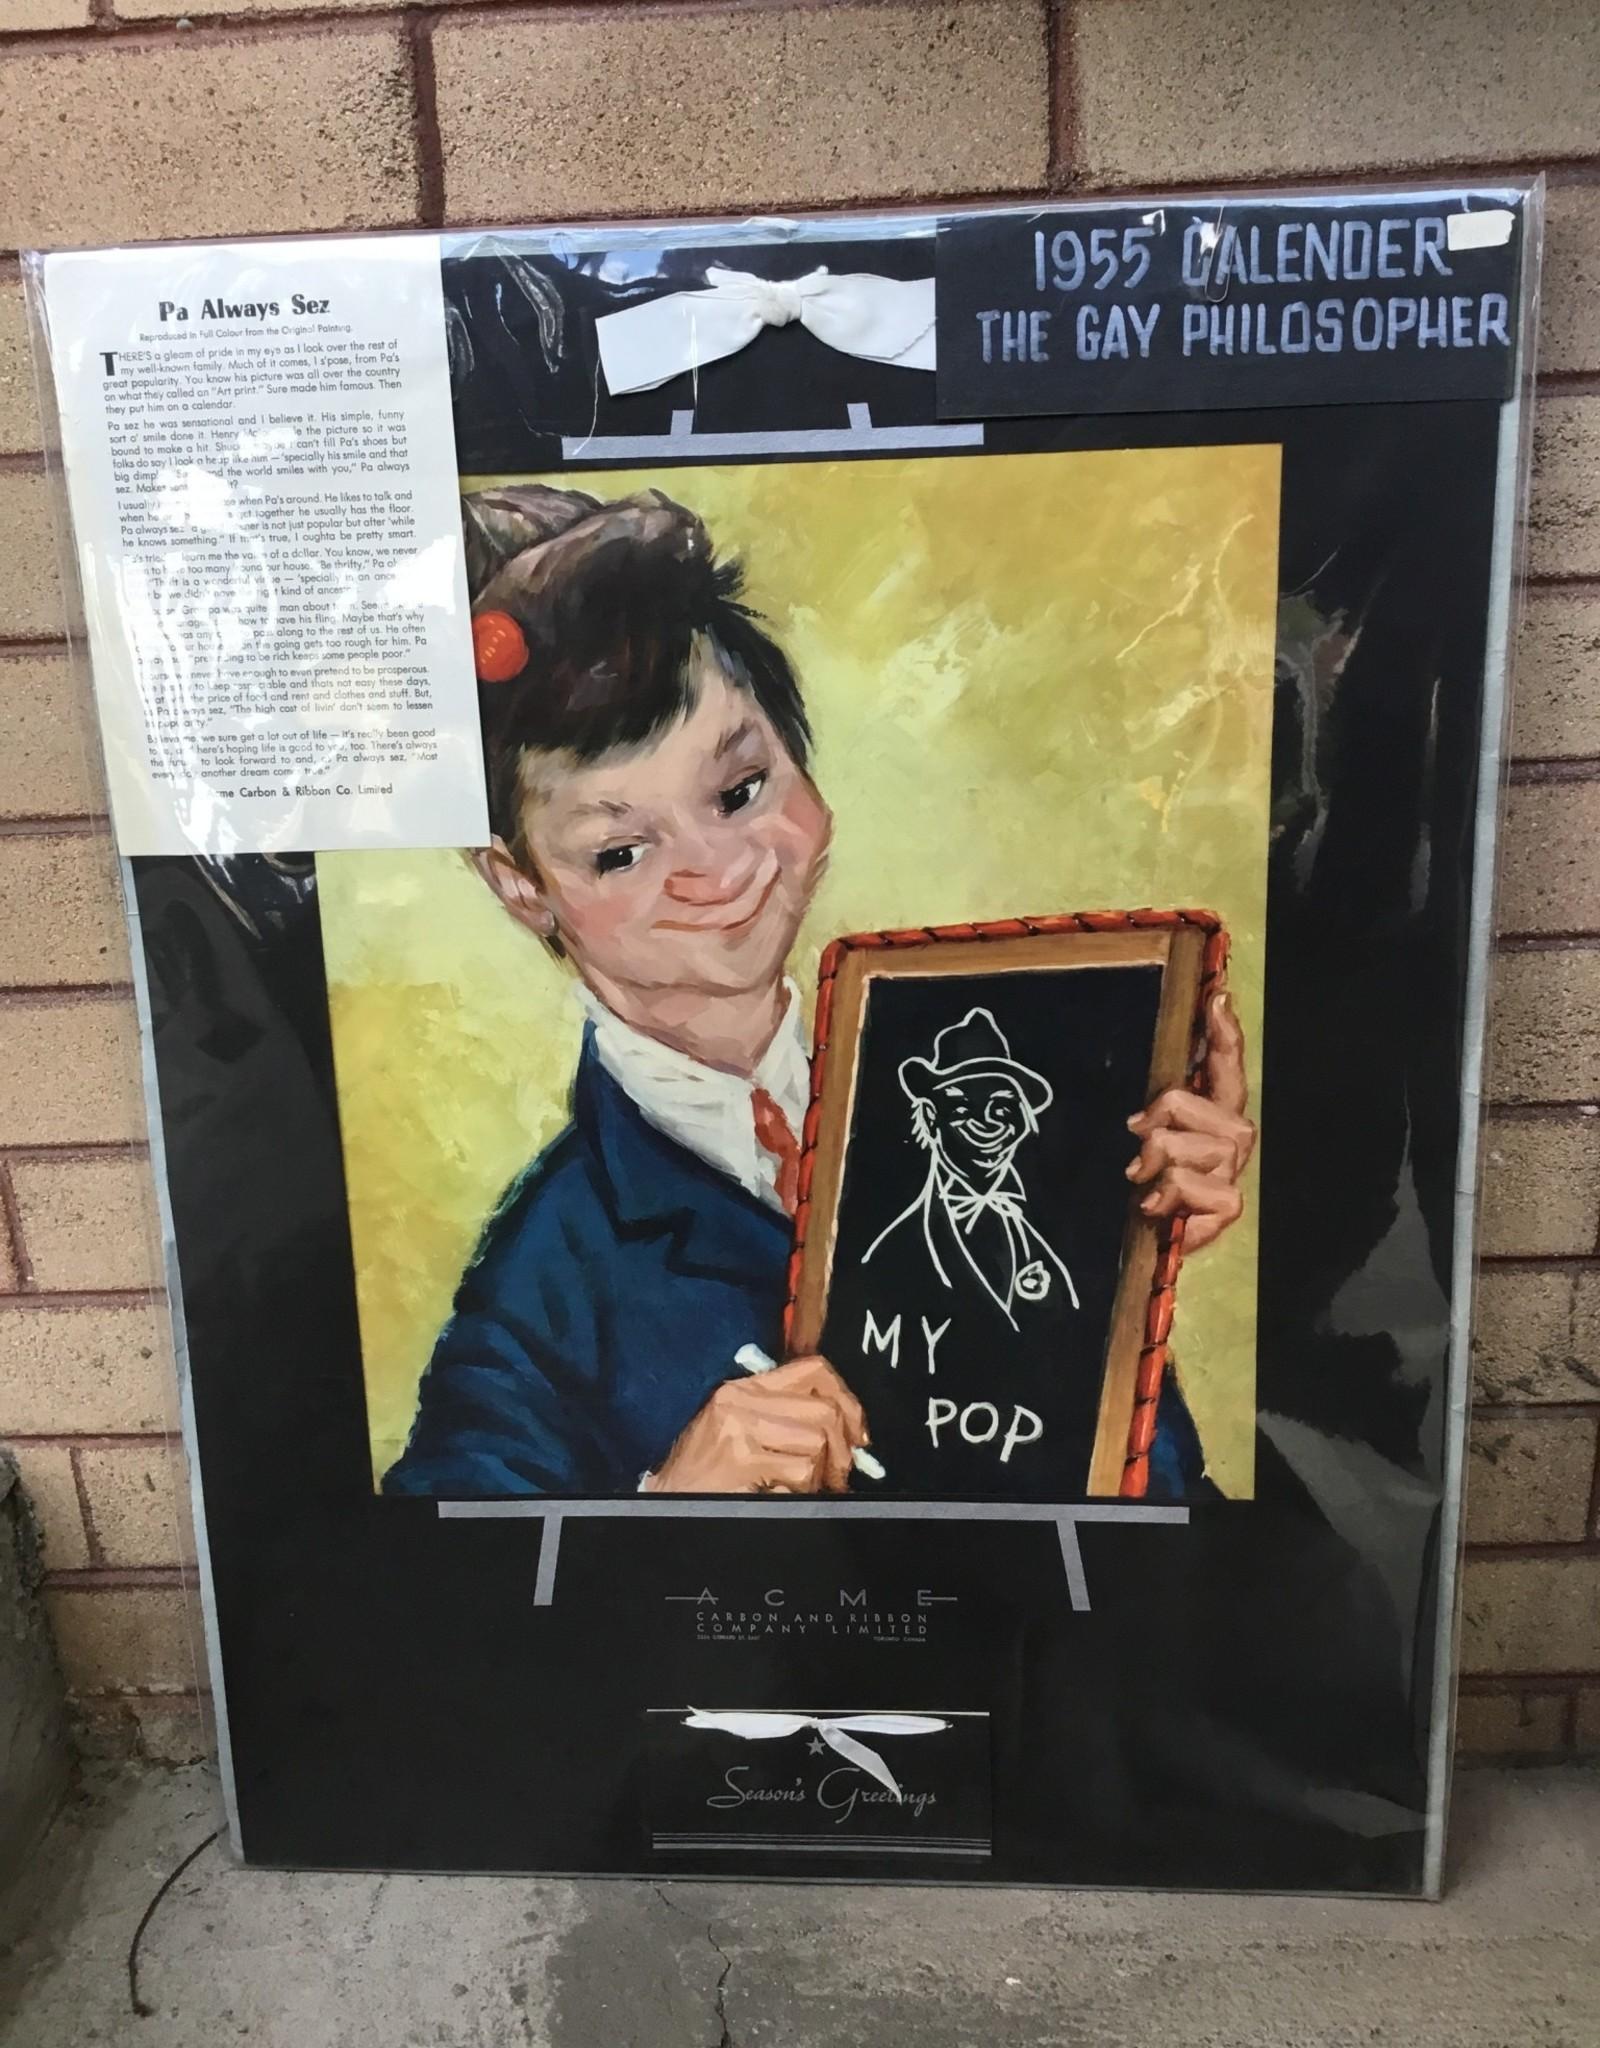 Purple Pigeon Treasures Pa Always Sez - 1955 Calender The Gay Philosopher